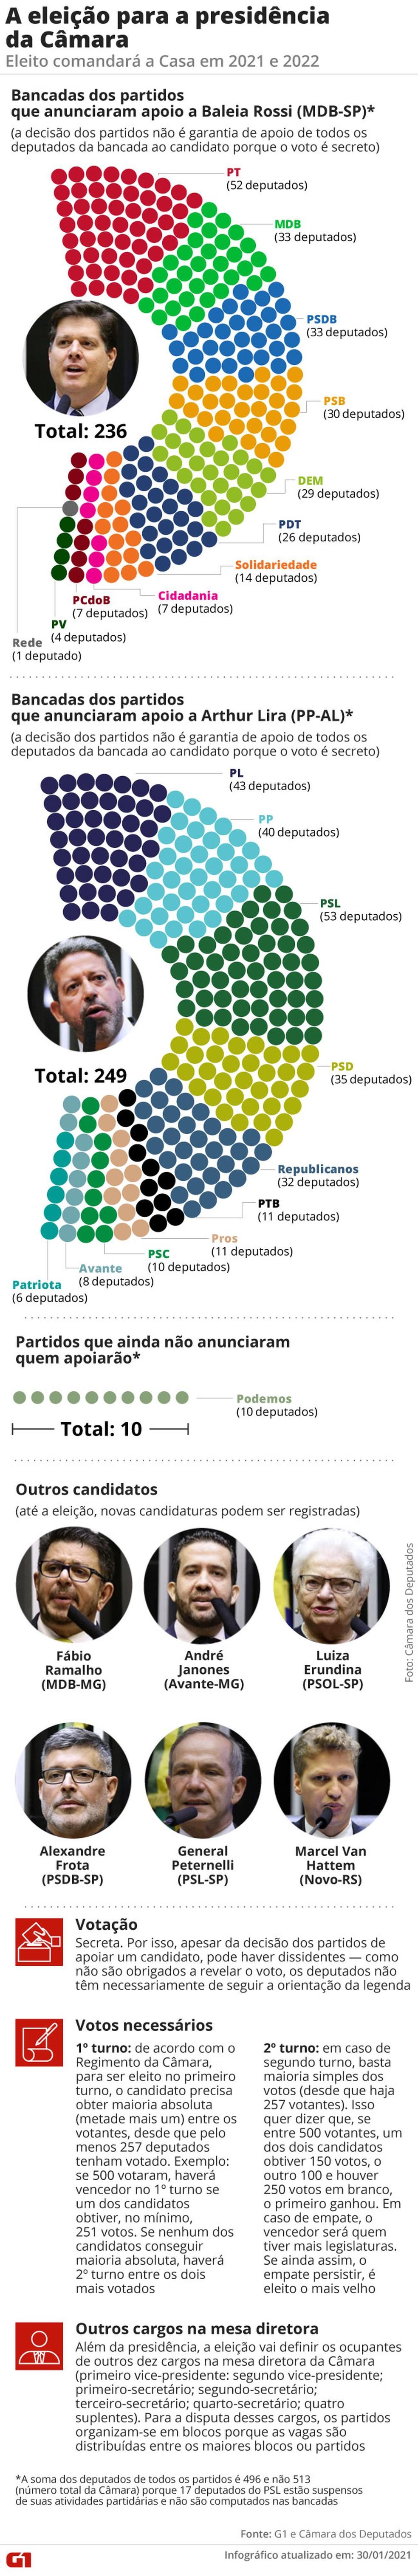 Eleição para presidente da Câmara ocorre nesta segunda-feira (01) - Imagem 2